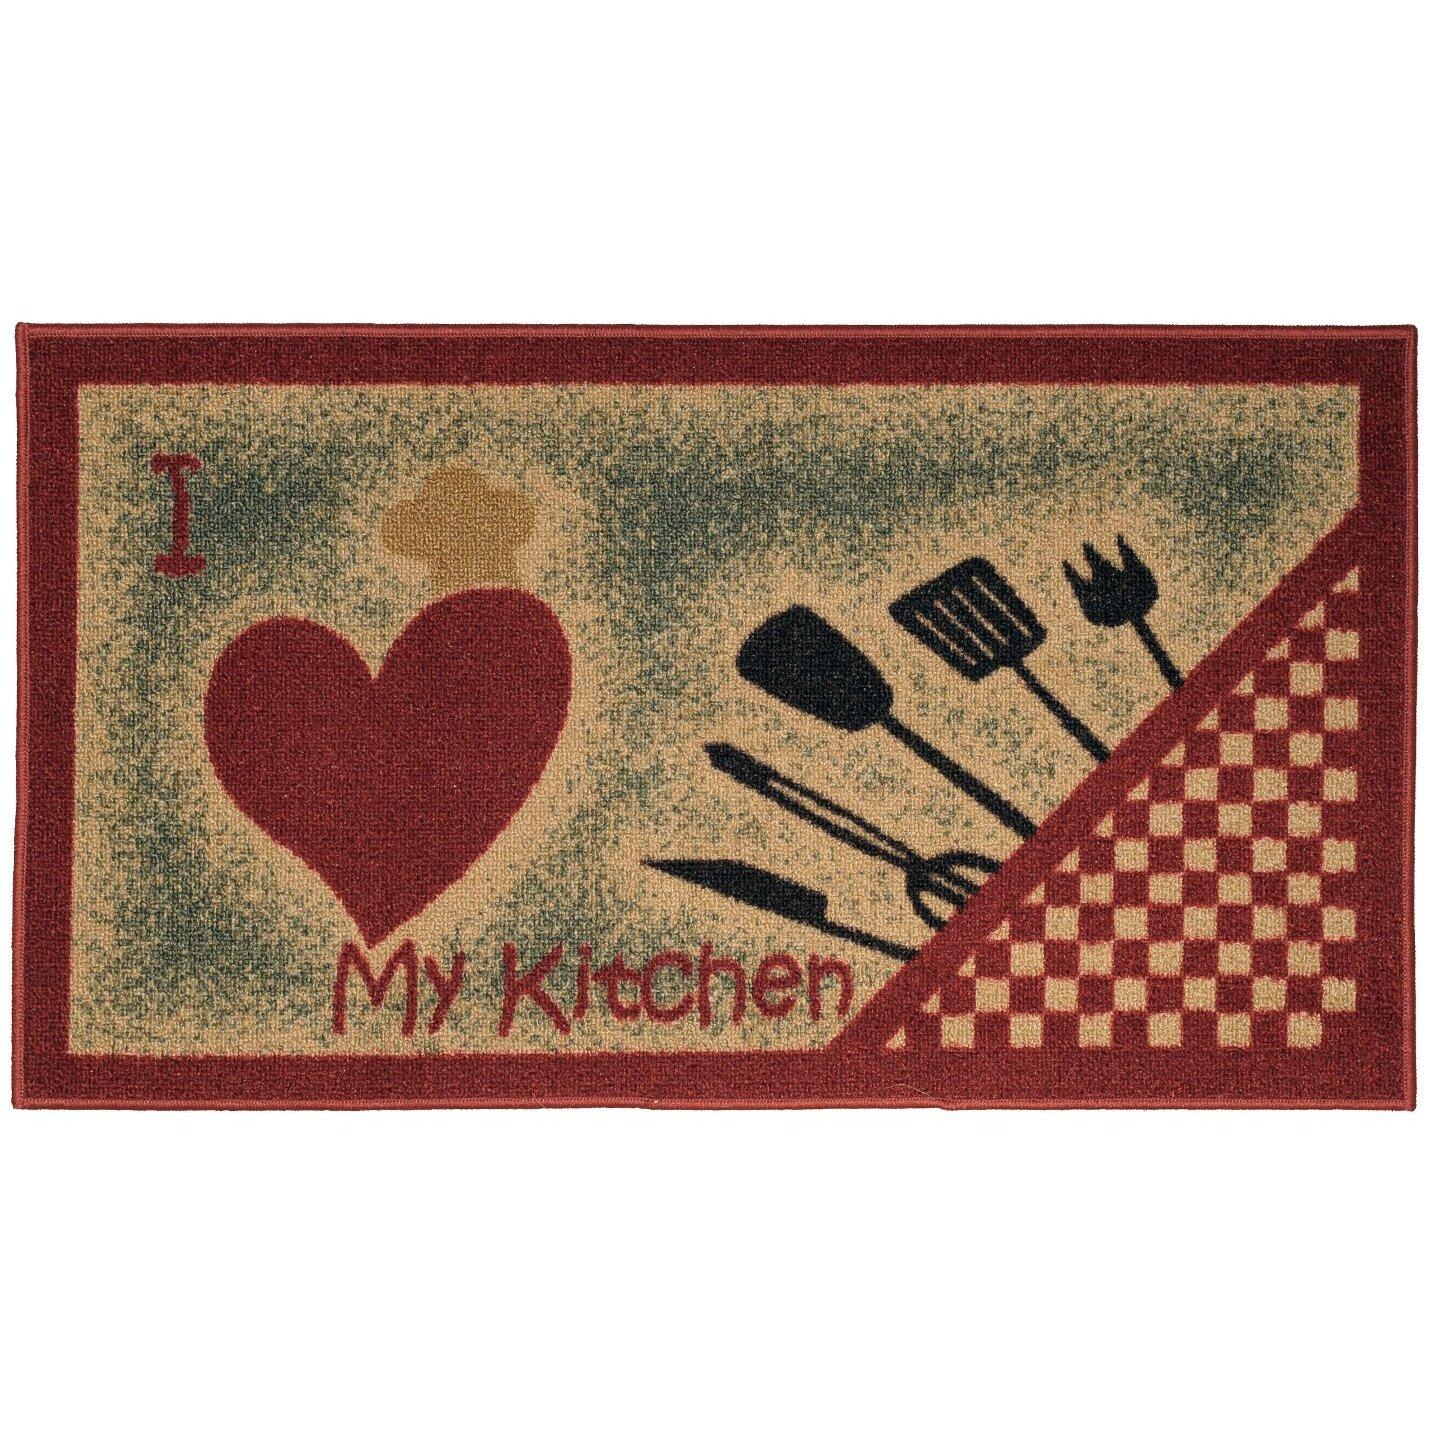 Red Kitchen Accessories Rugnur Cucina I Love My Kitchen And Utensils Cream Red Kitchen